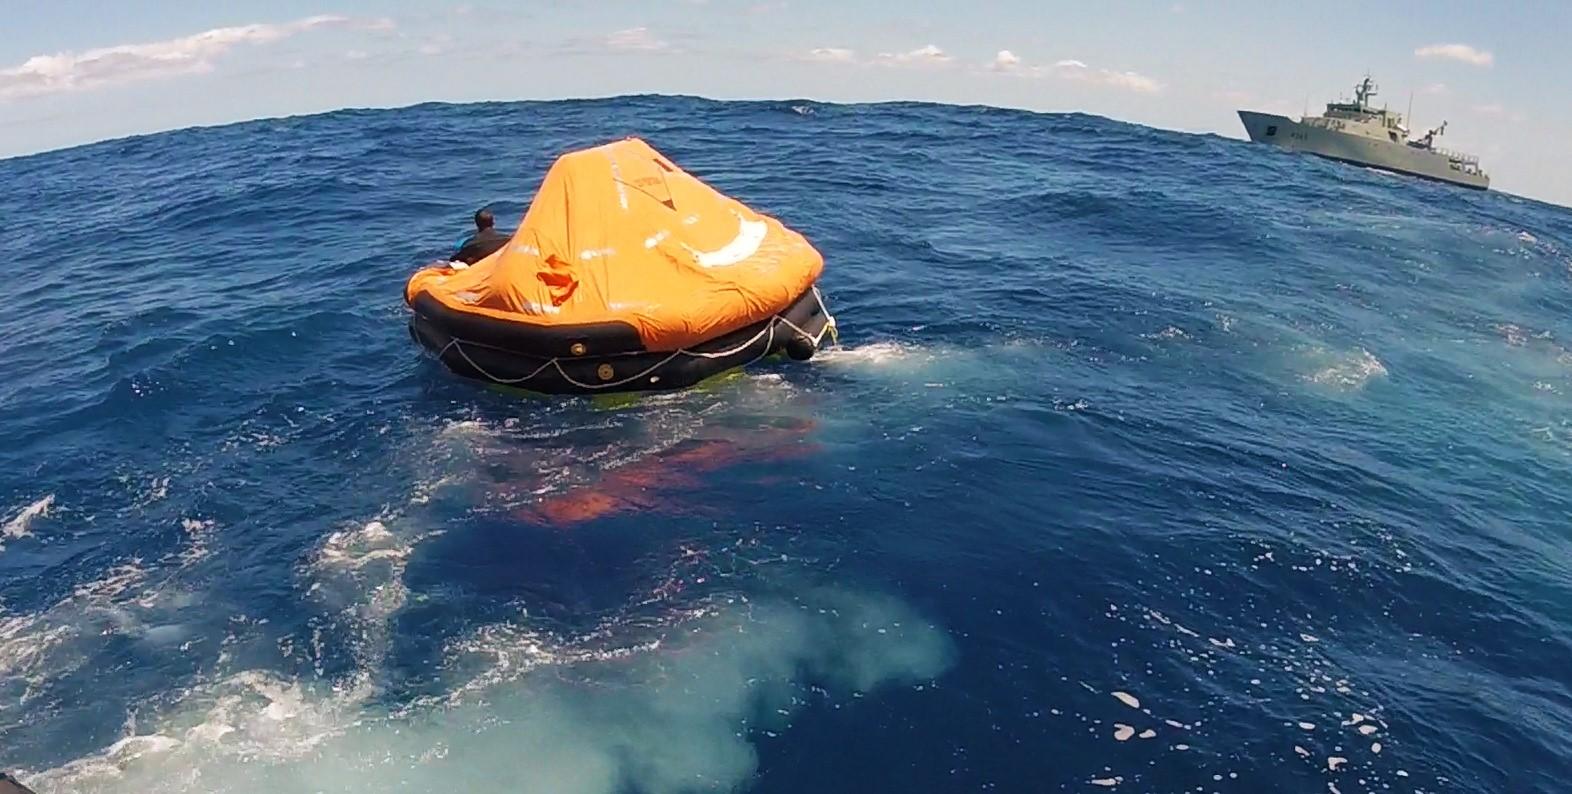 Portugal salvou 183 vidas no mar em 2020